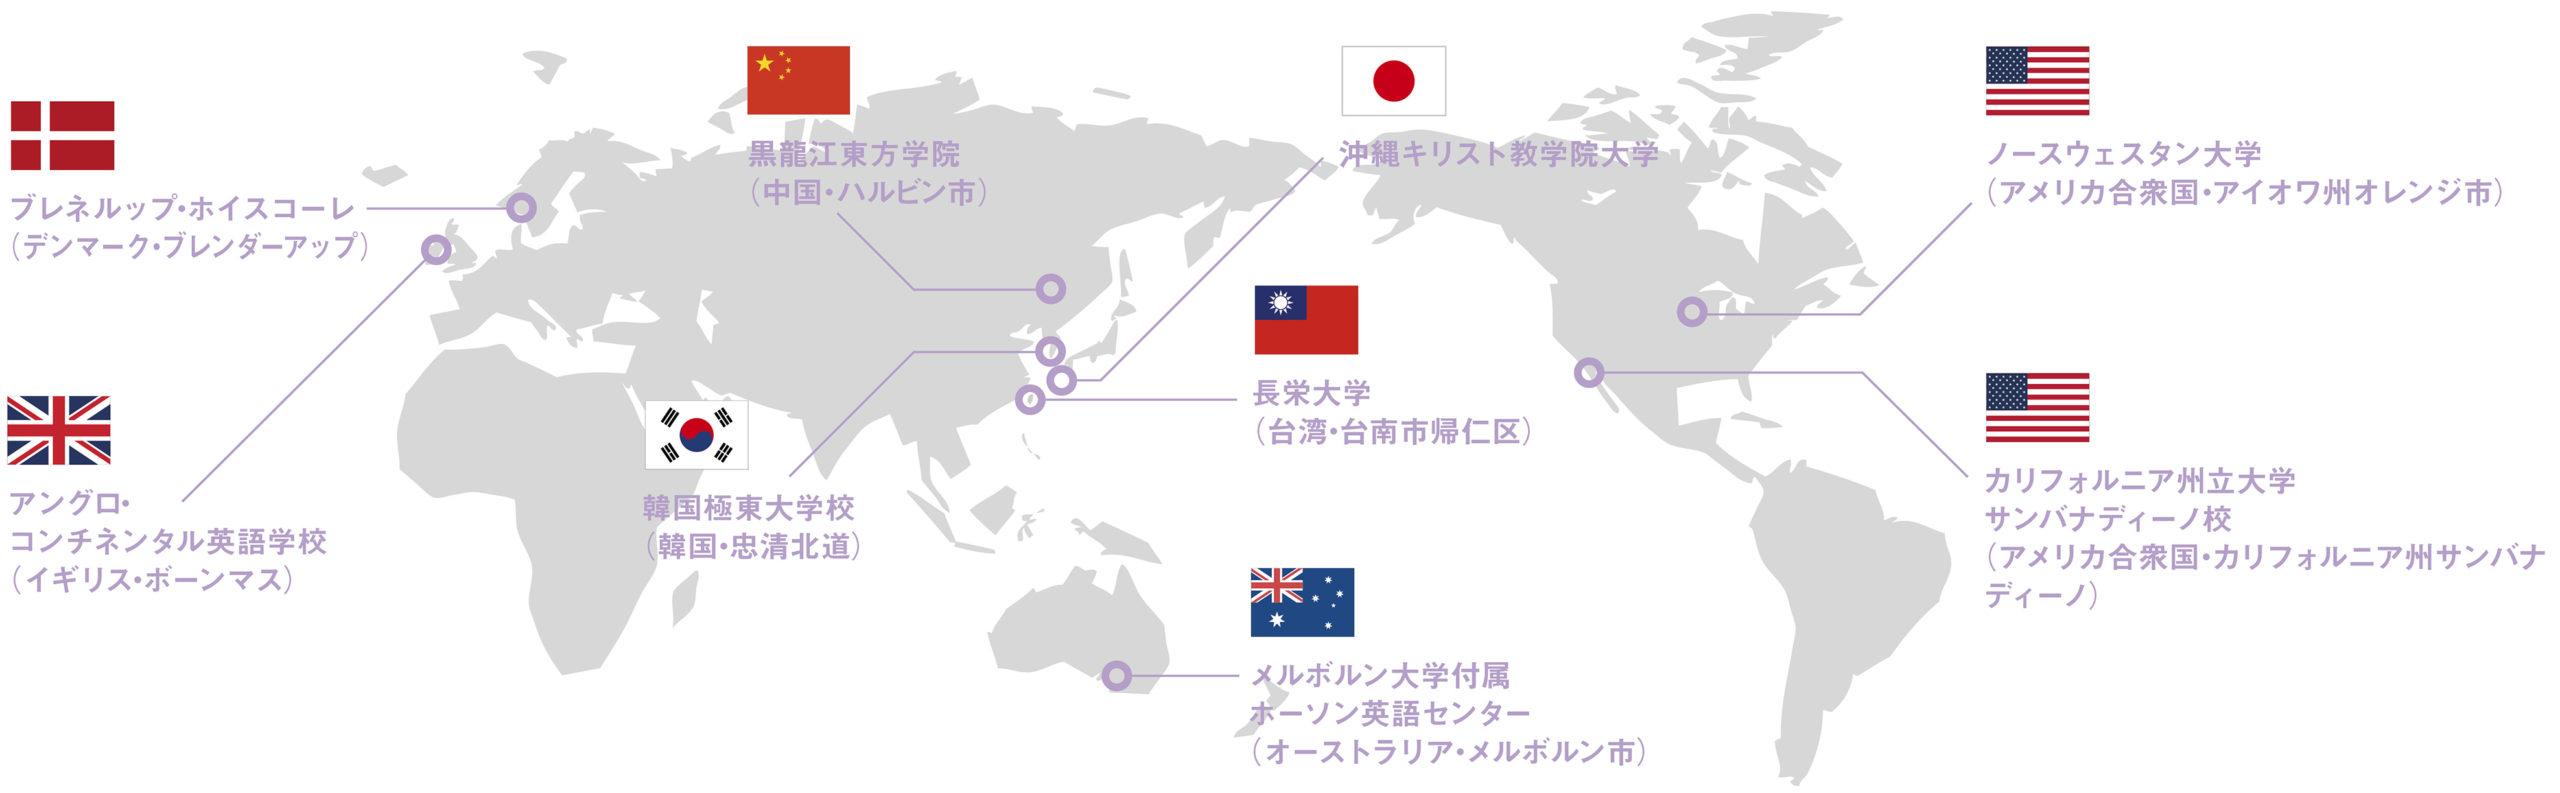 提携校への留学プログラム(短期留学/長期留学)